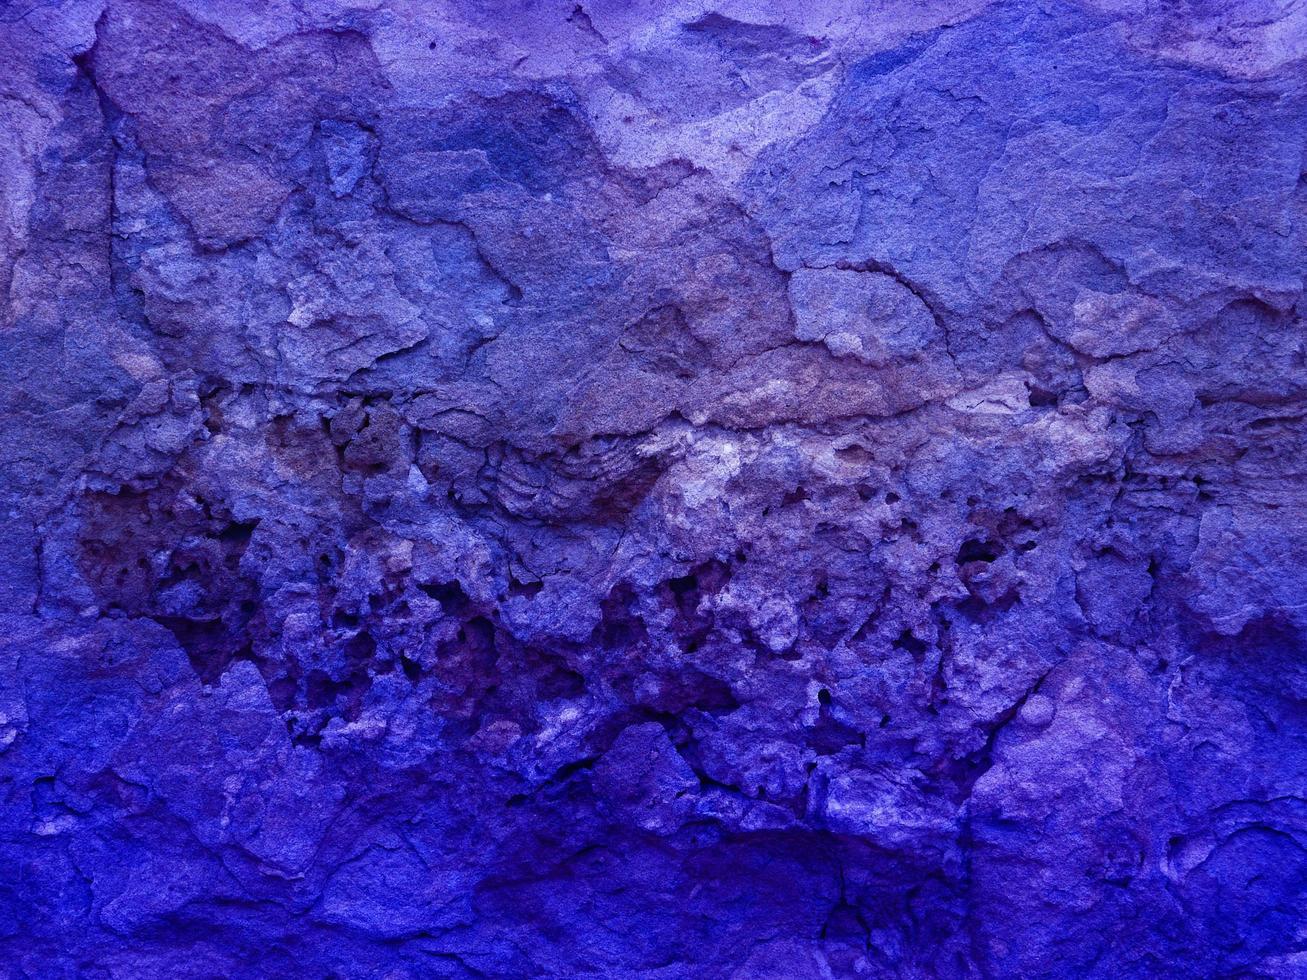 blå sten konsistens foto